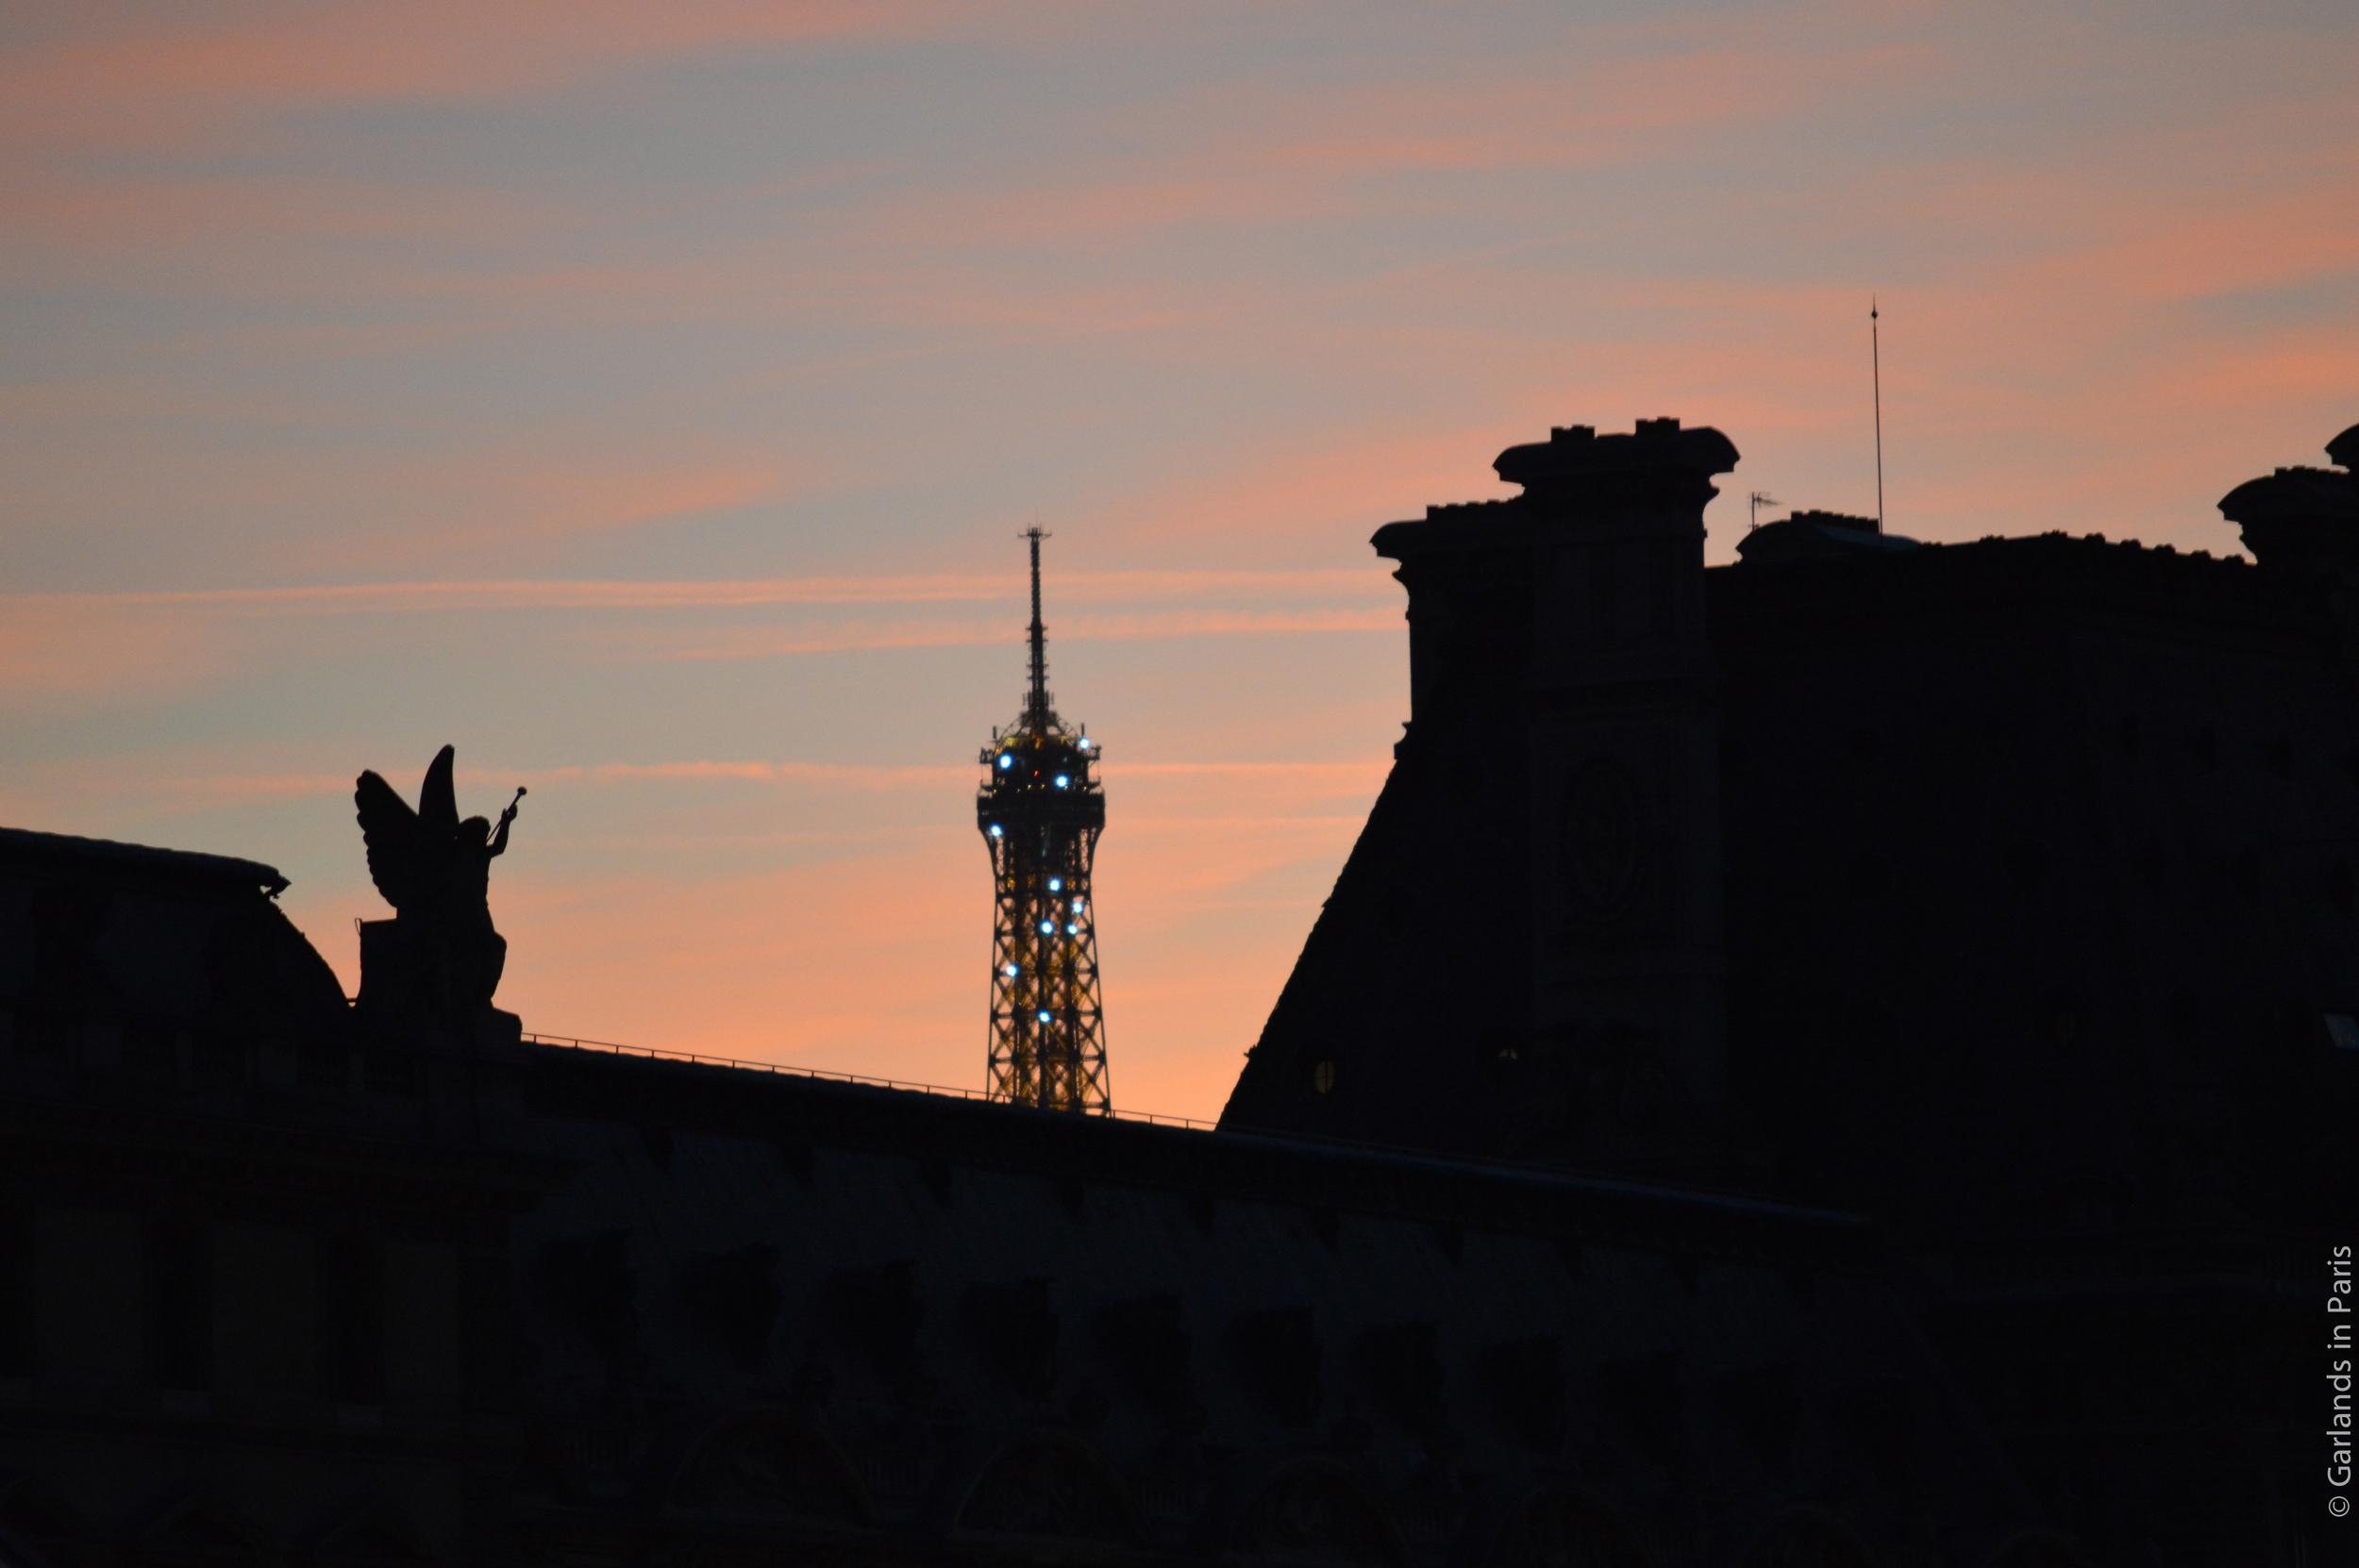 Eiffel Tower, Louvre